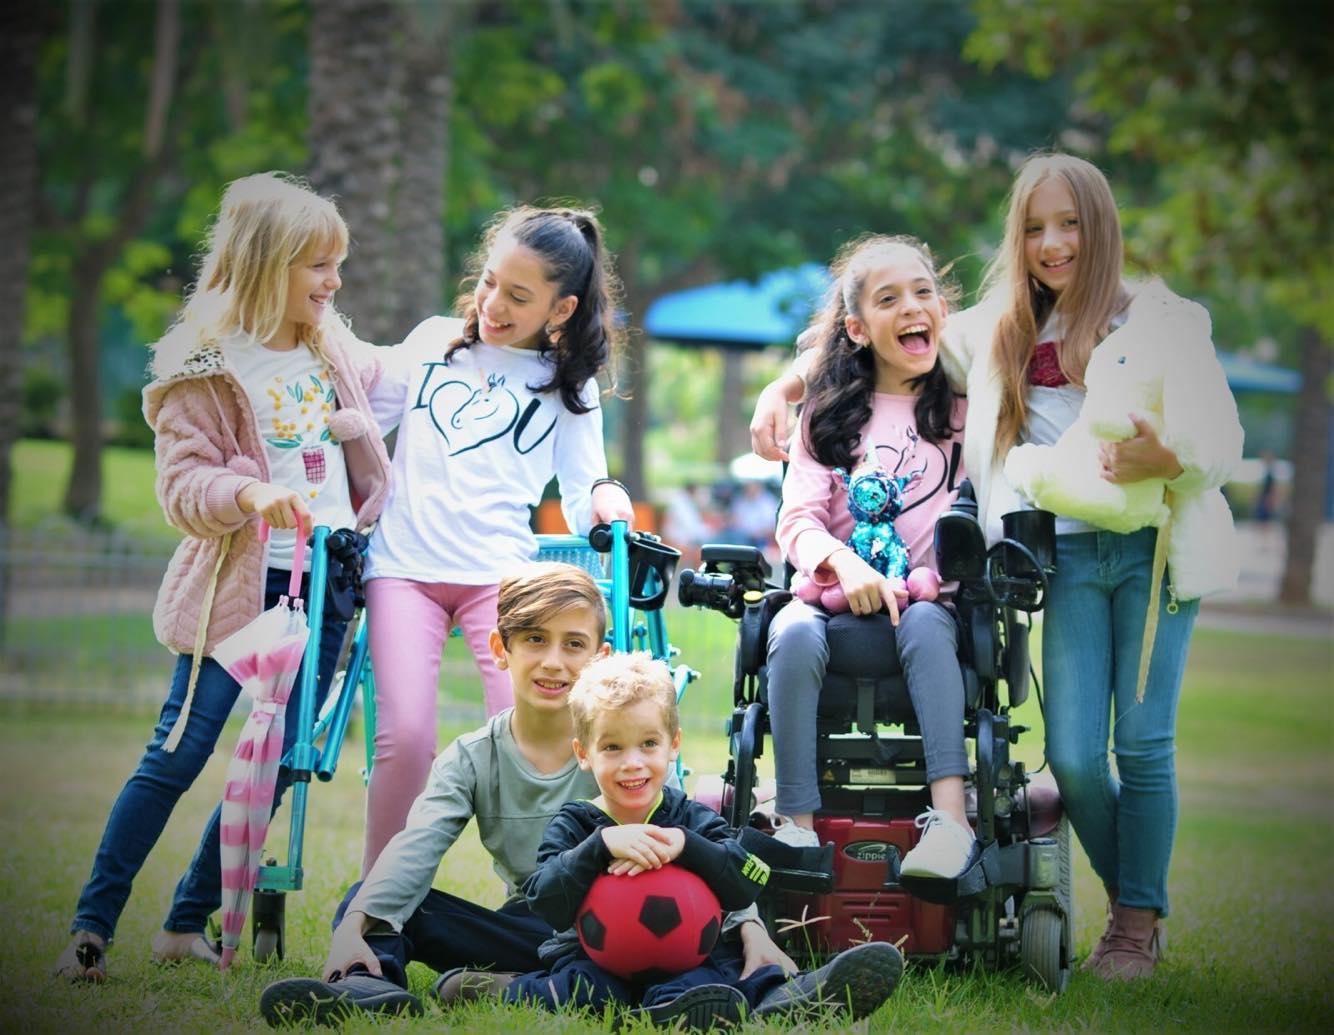 צילום מתוך הקמפיין: ילדה בכיסא ממונע, ילדה עם הליכון ועוד שלושה ילדים ללא מוגבלות, על הדשא